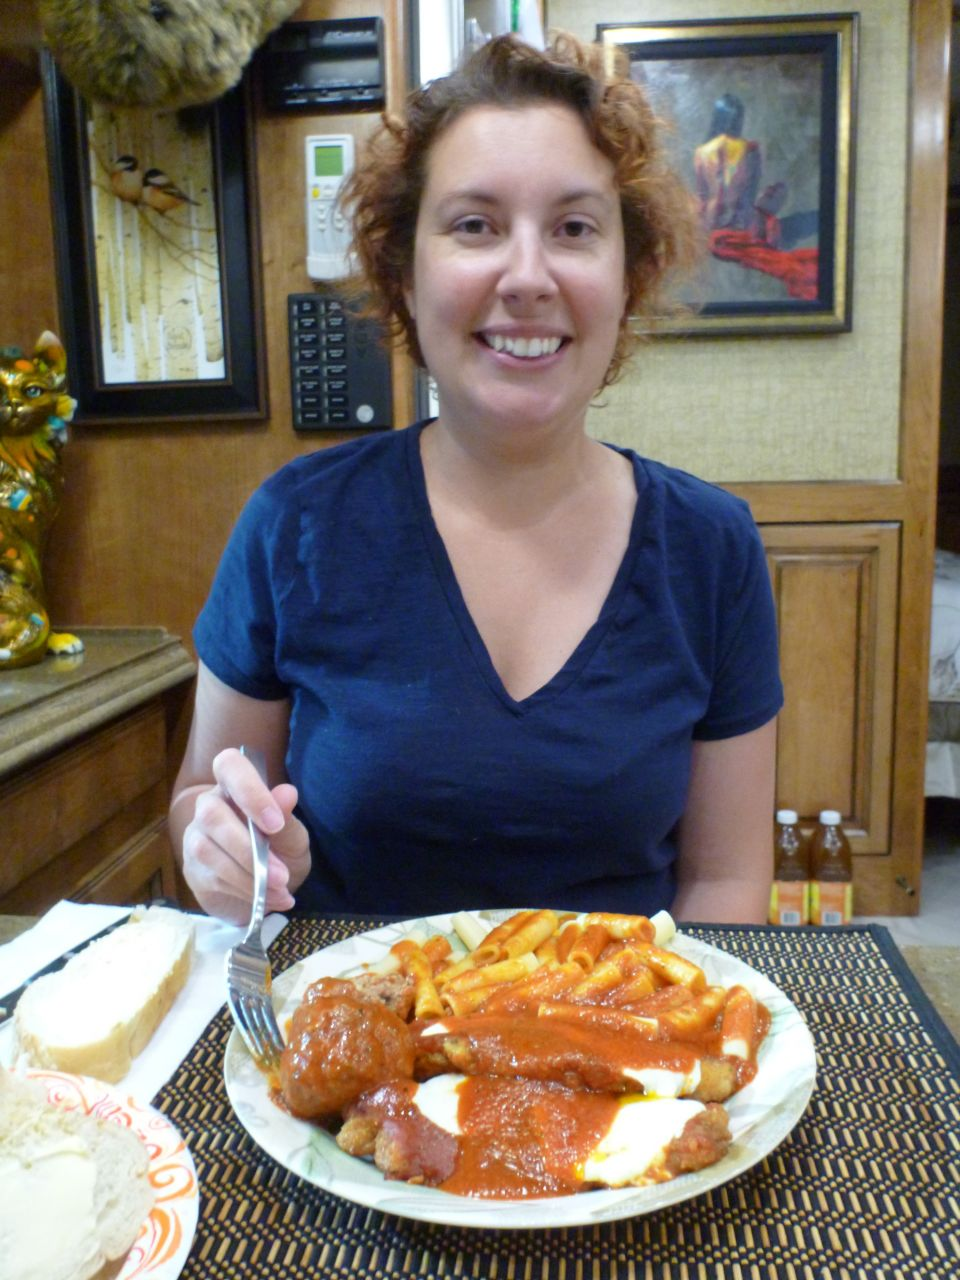 Brenda Enjoying Dinner